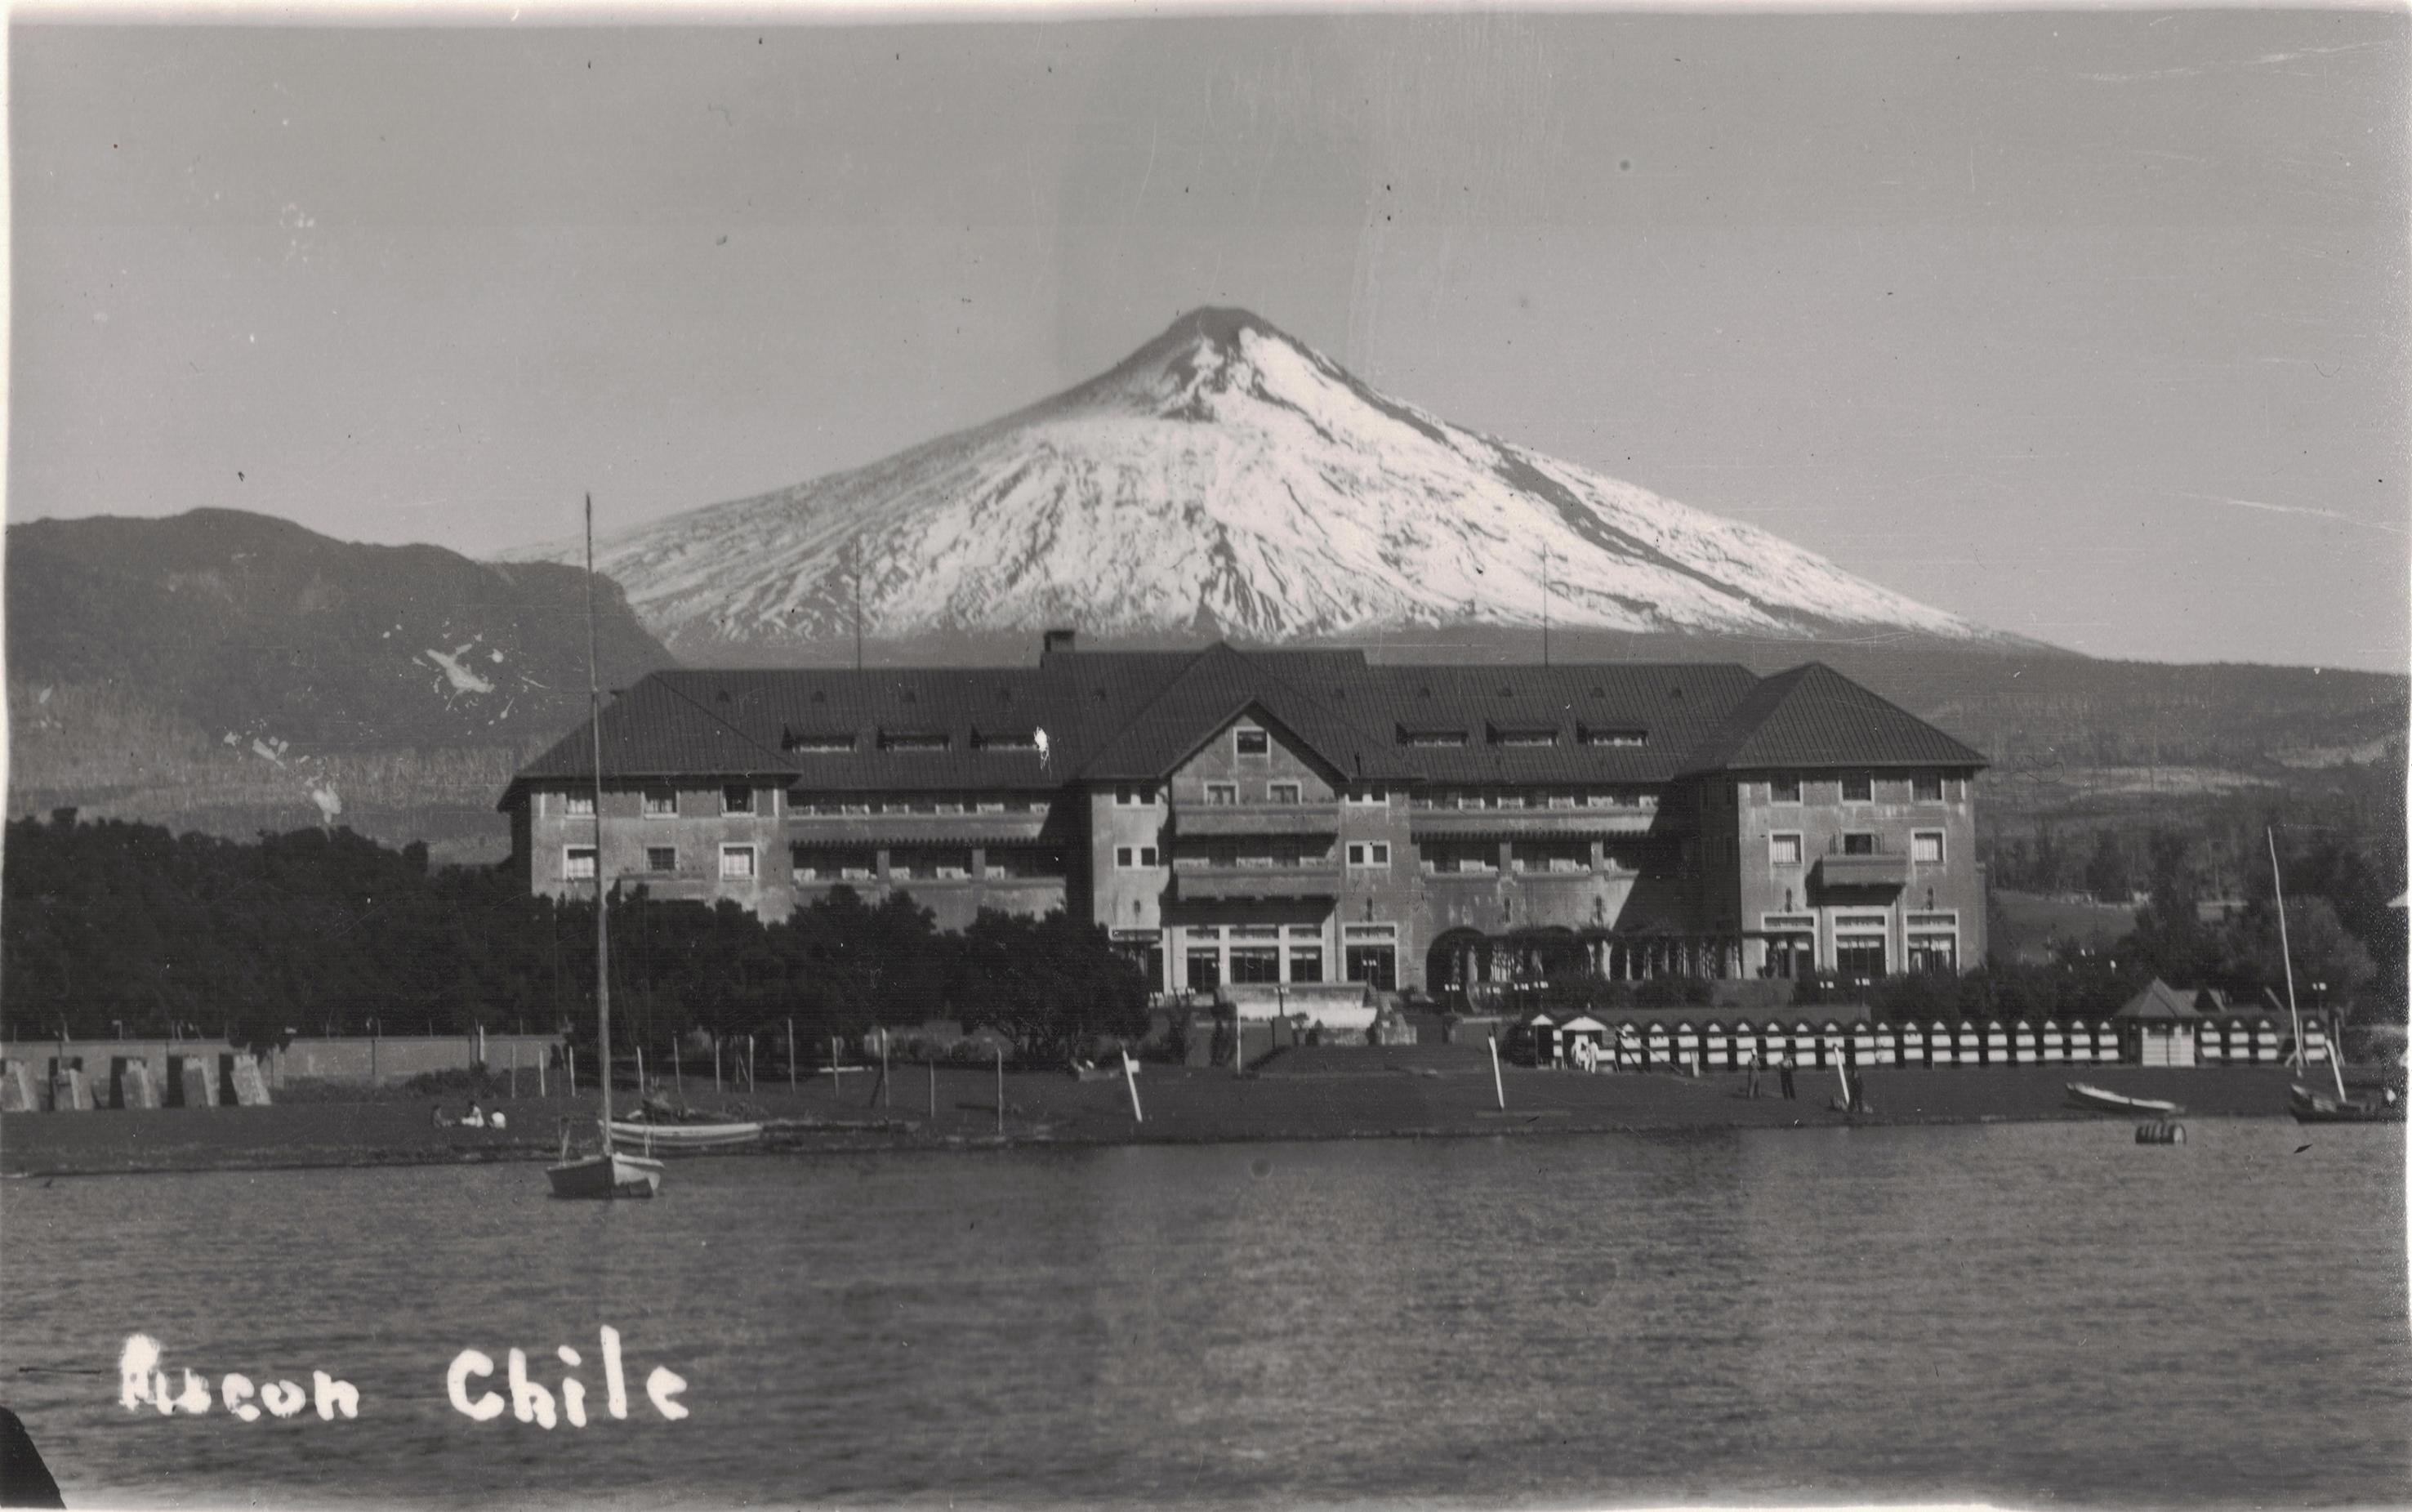 Enterreno - Fotos históricas de chile - fotos antiguas de Chile - Hotel Pucón y Lago Villarrica, años 40s